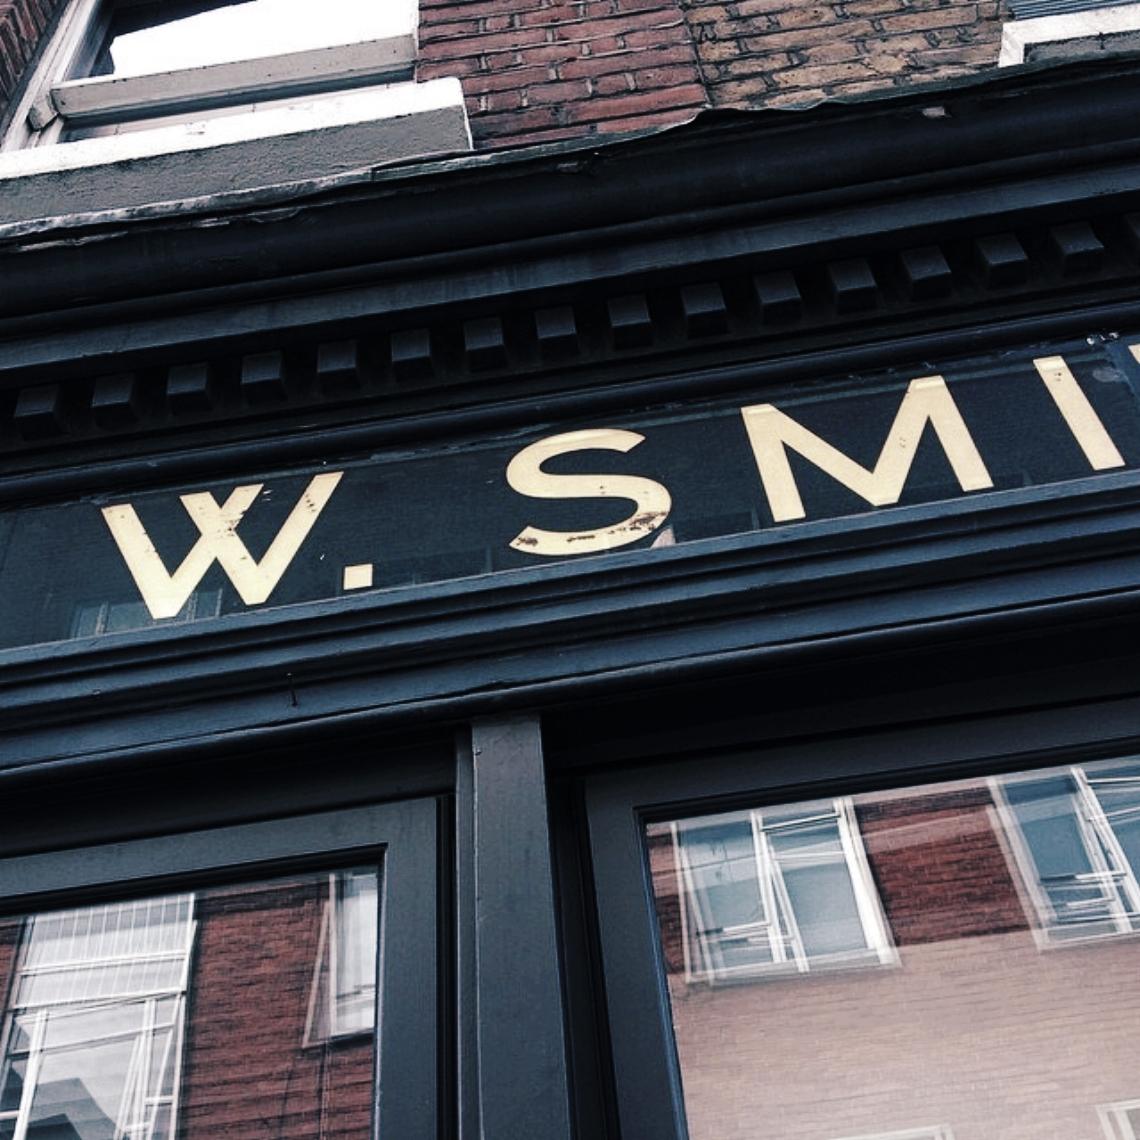 S-Smith-sign.jpg